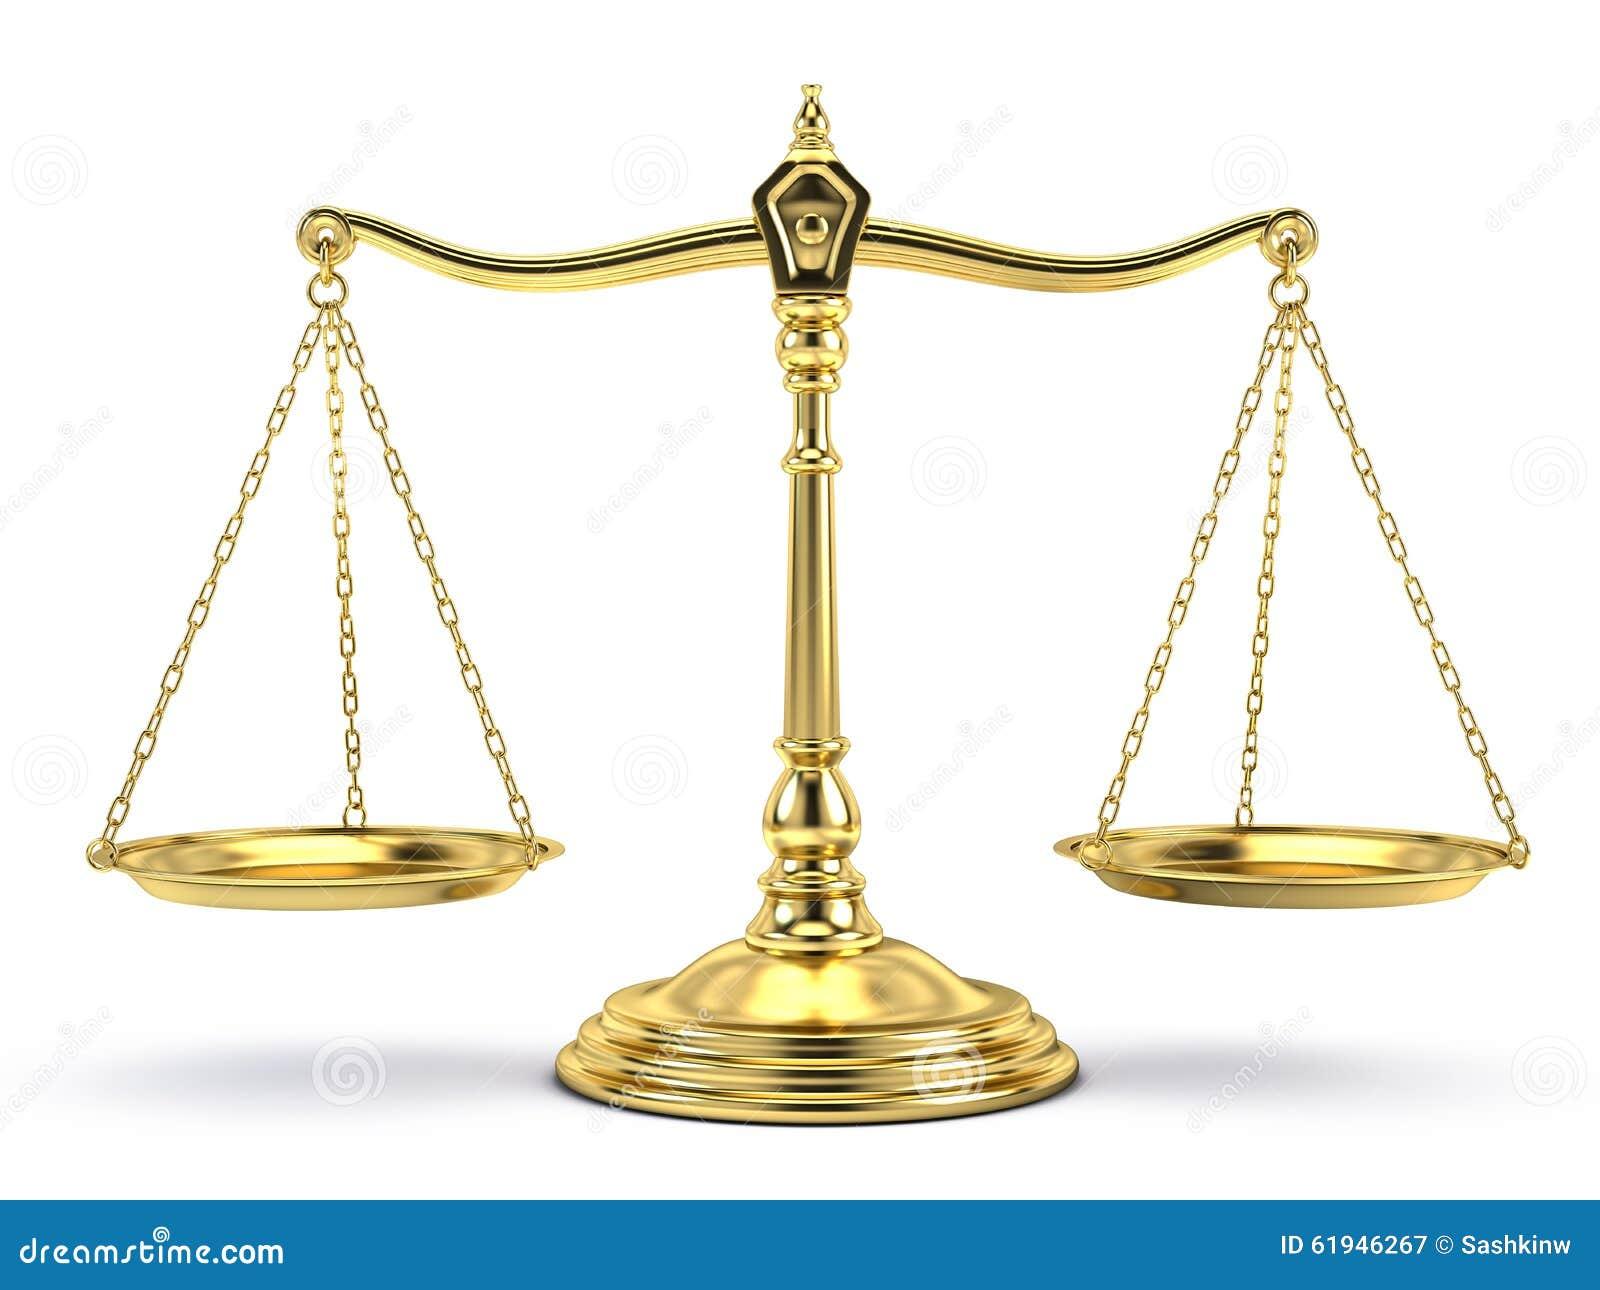 Mass Balance Scale